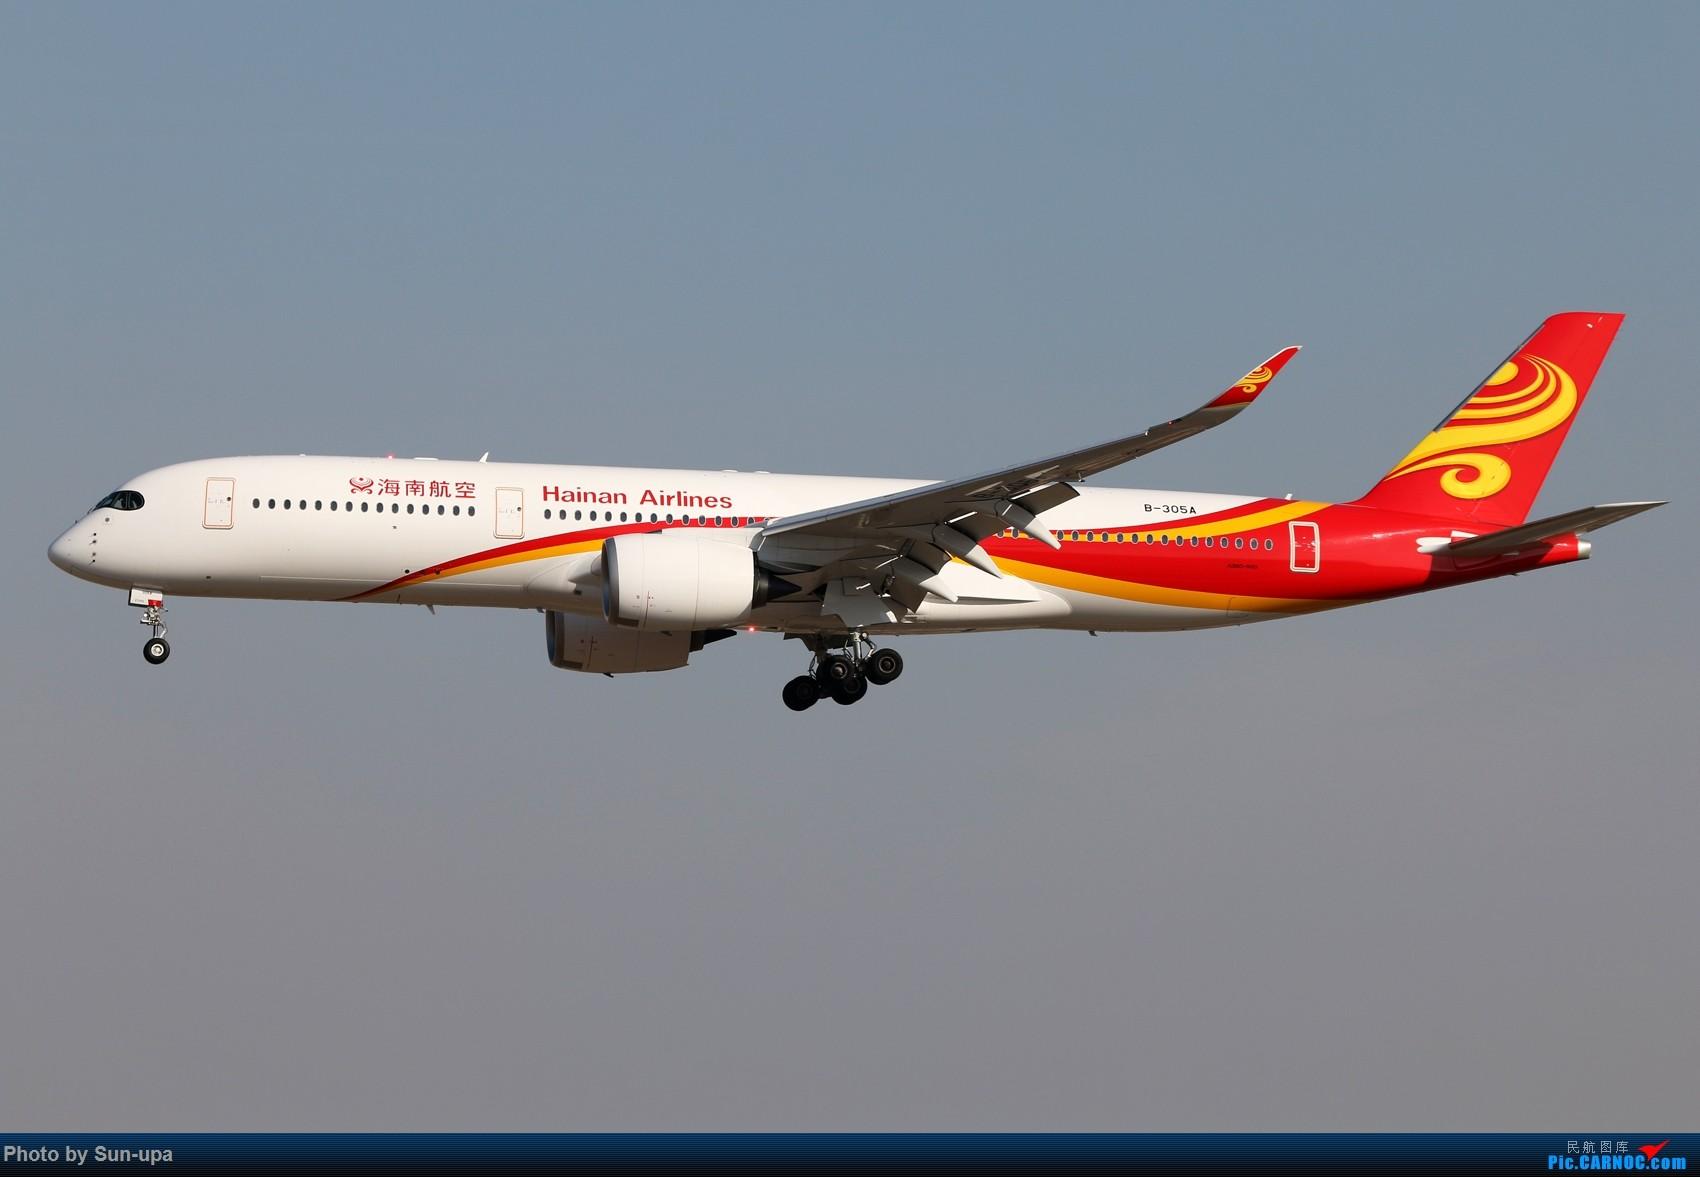 Re:[原创]ZBAA 过年第一次拍机 下午01好货不断 AIRBUS A350-900 B-305A 中国北京首都国际机场